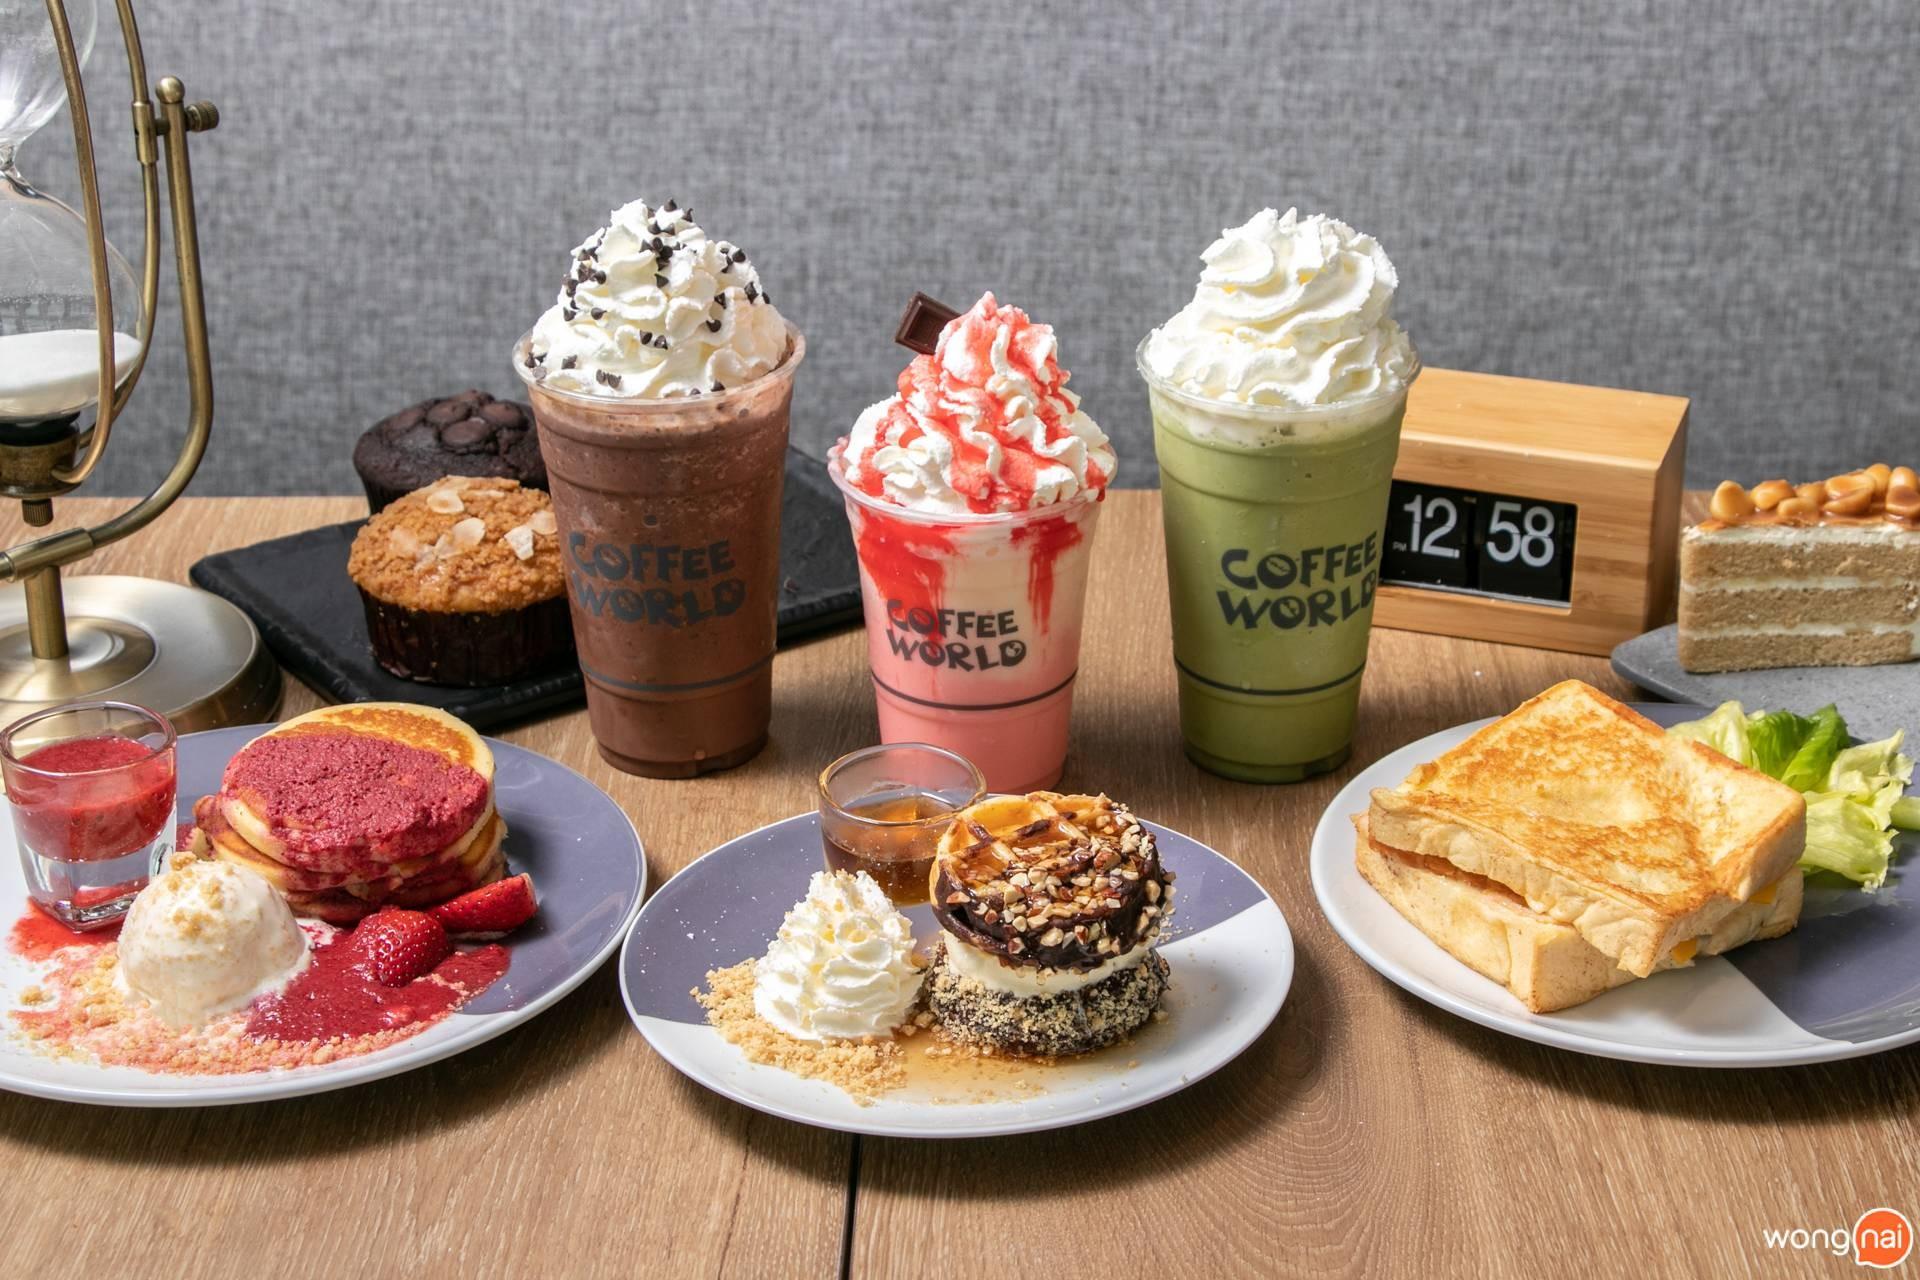 เมนูเครื่อดื่มและเบเกอร์รี ร้าน Coffee World สาขา ลำลูกกา